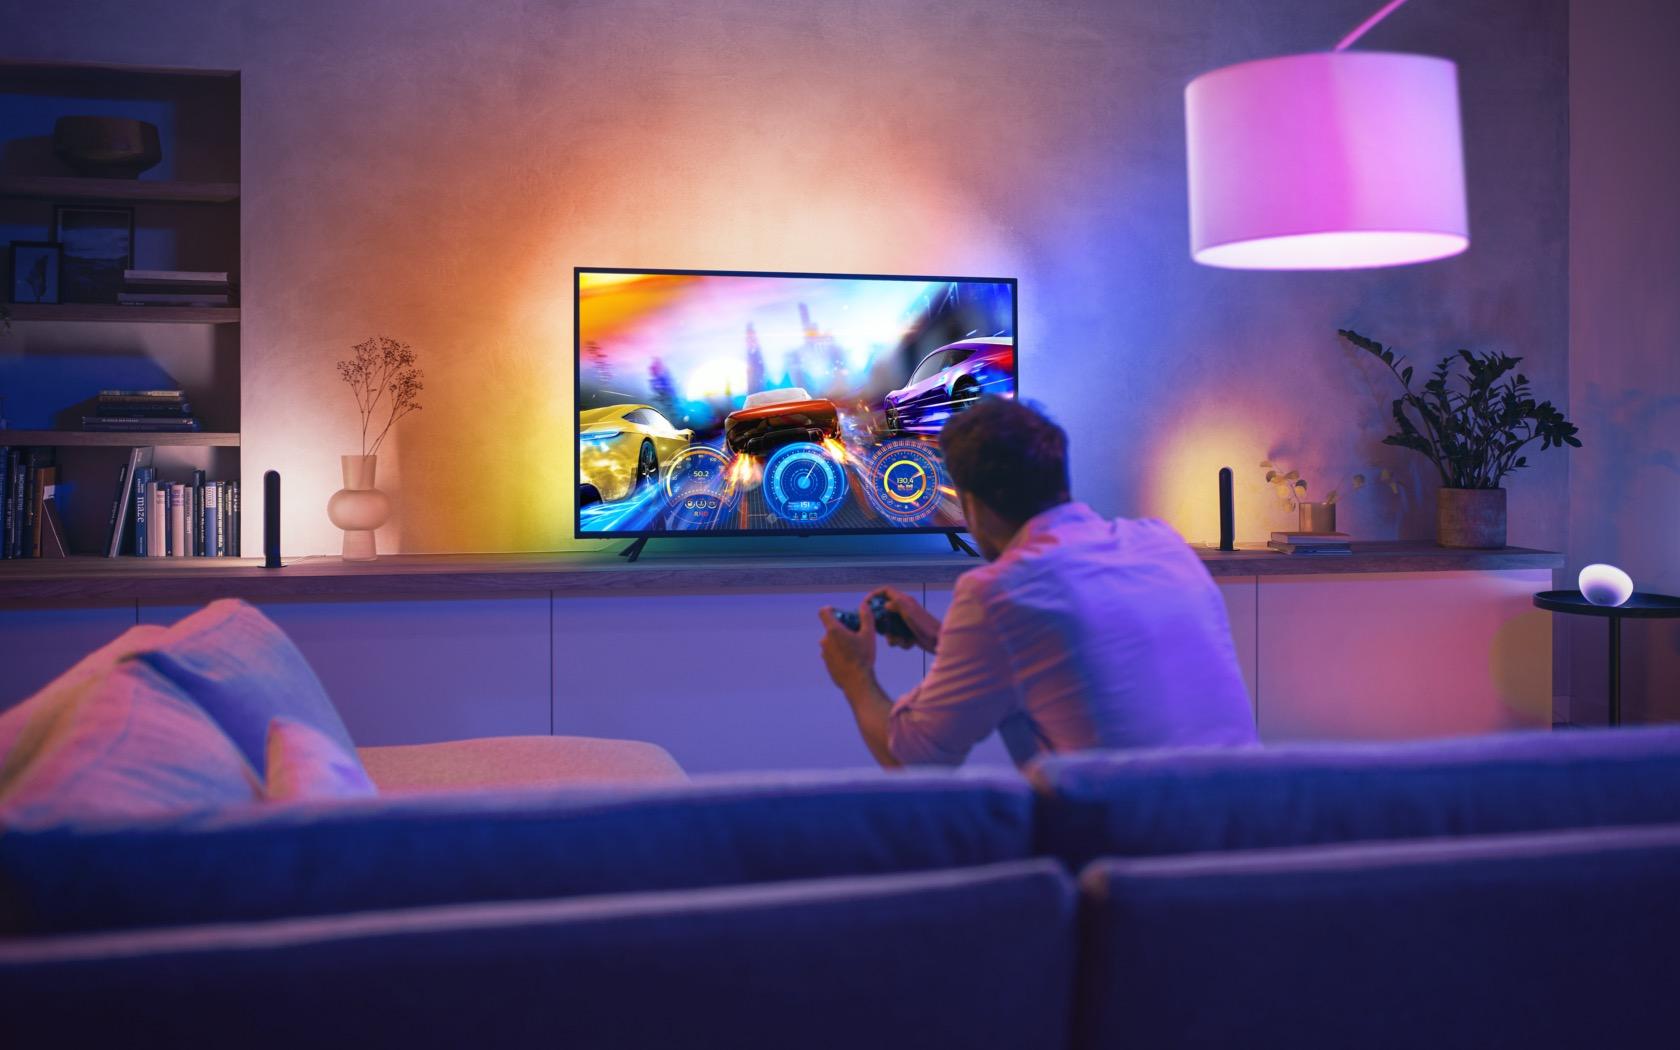 Les meilleures TV pour la PS5 et la Xbox Series X | S en 2021